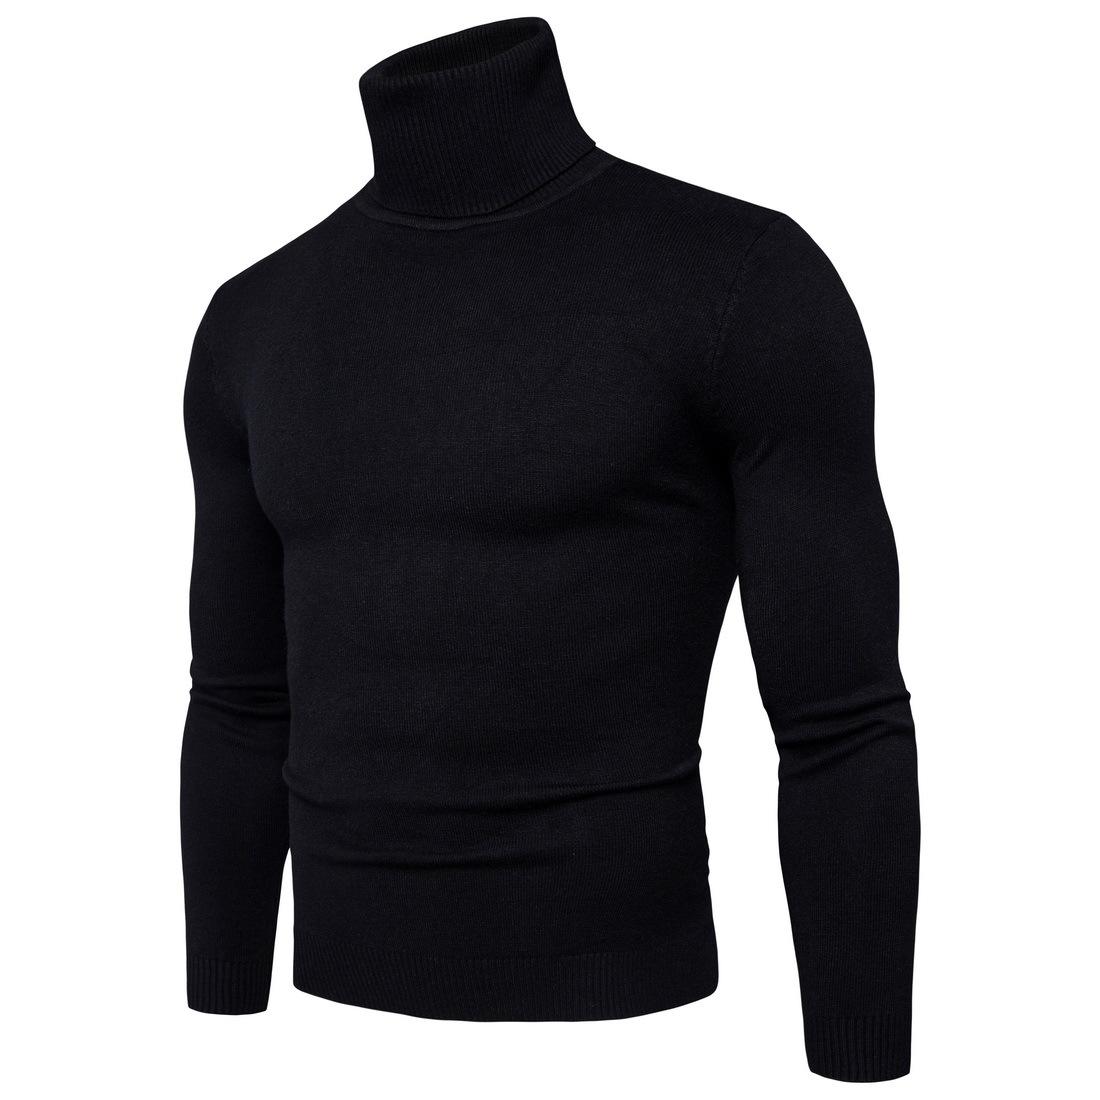 พร้อมส่ง เสื้อไหมพรมผู้ชาย สีดำ คอเต่า แขนยาว สเวตเตอร์ผู้ชาย แฟชั่นหน้าหนาว